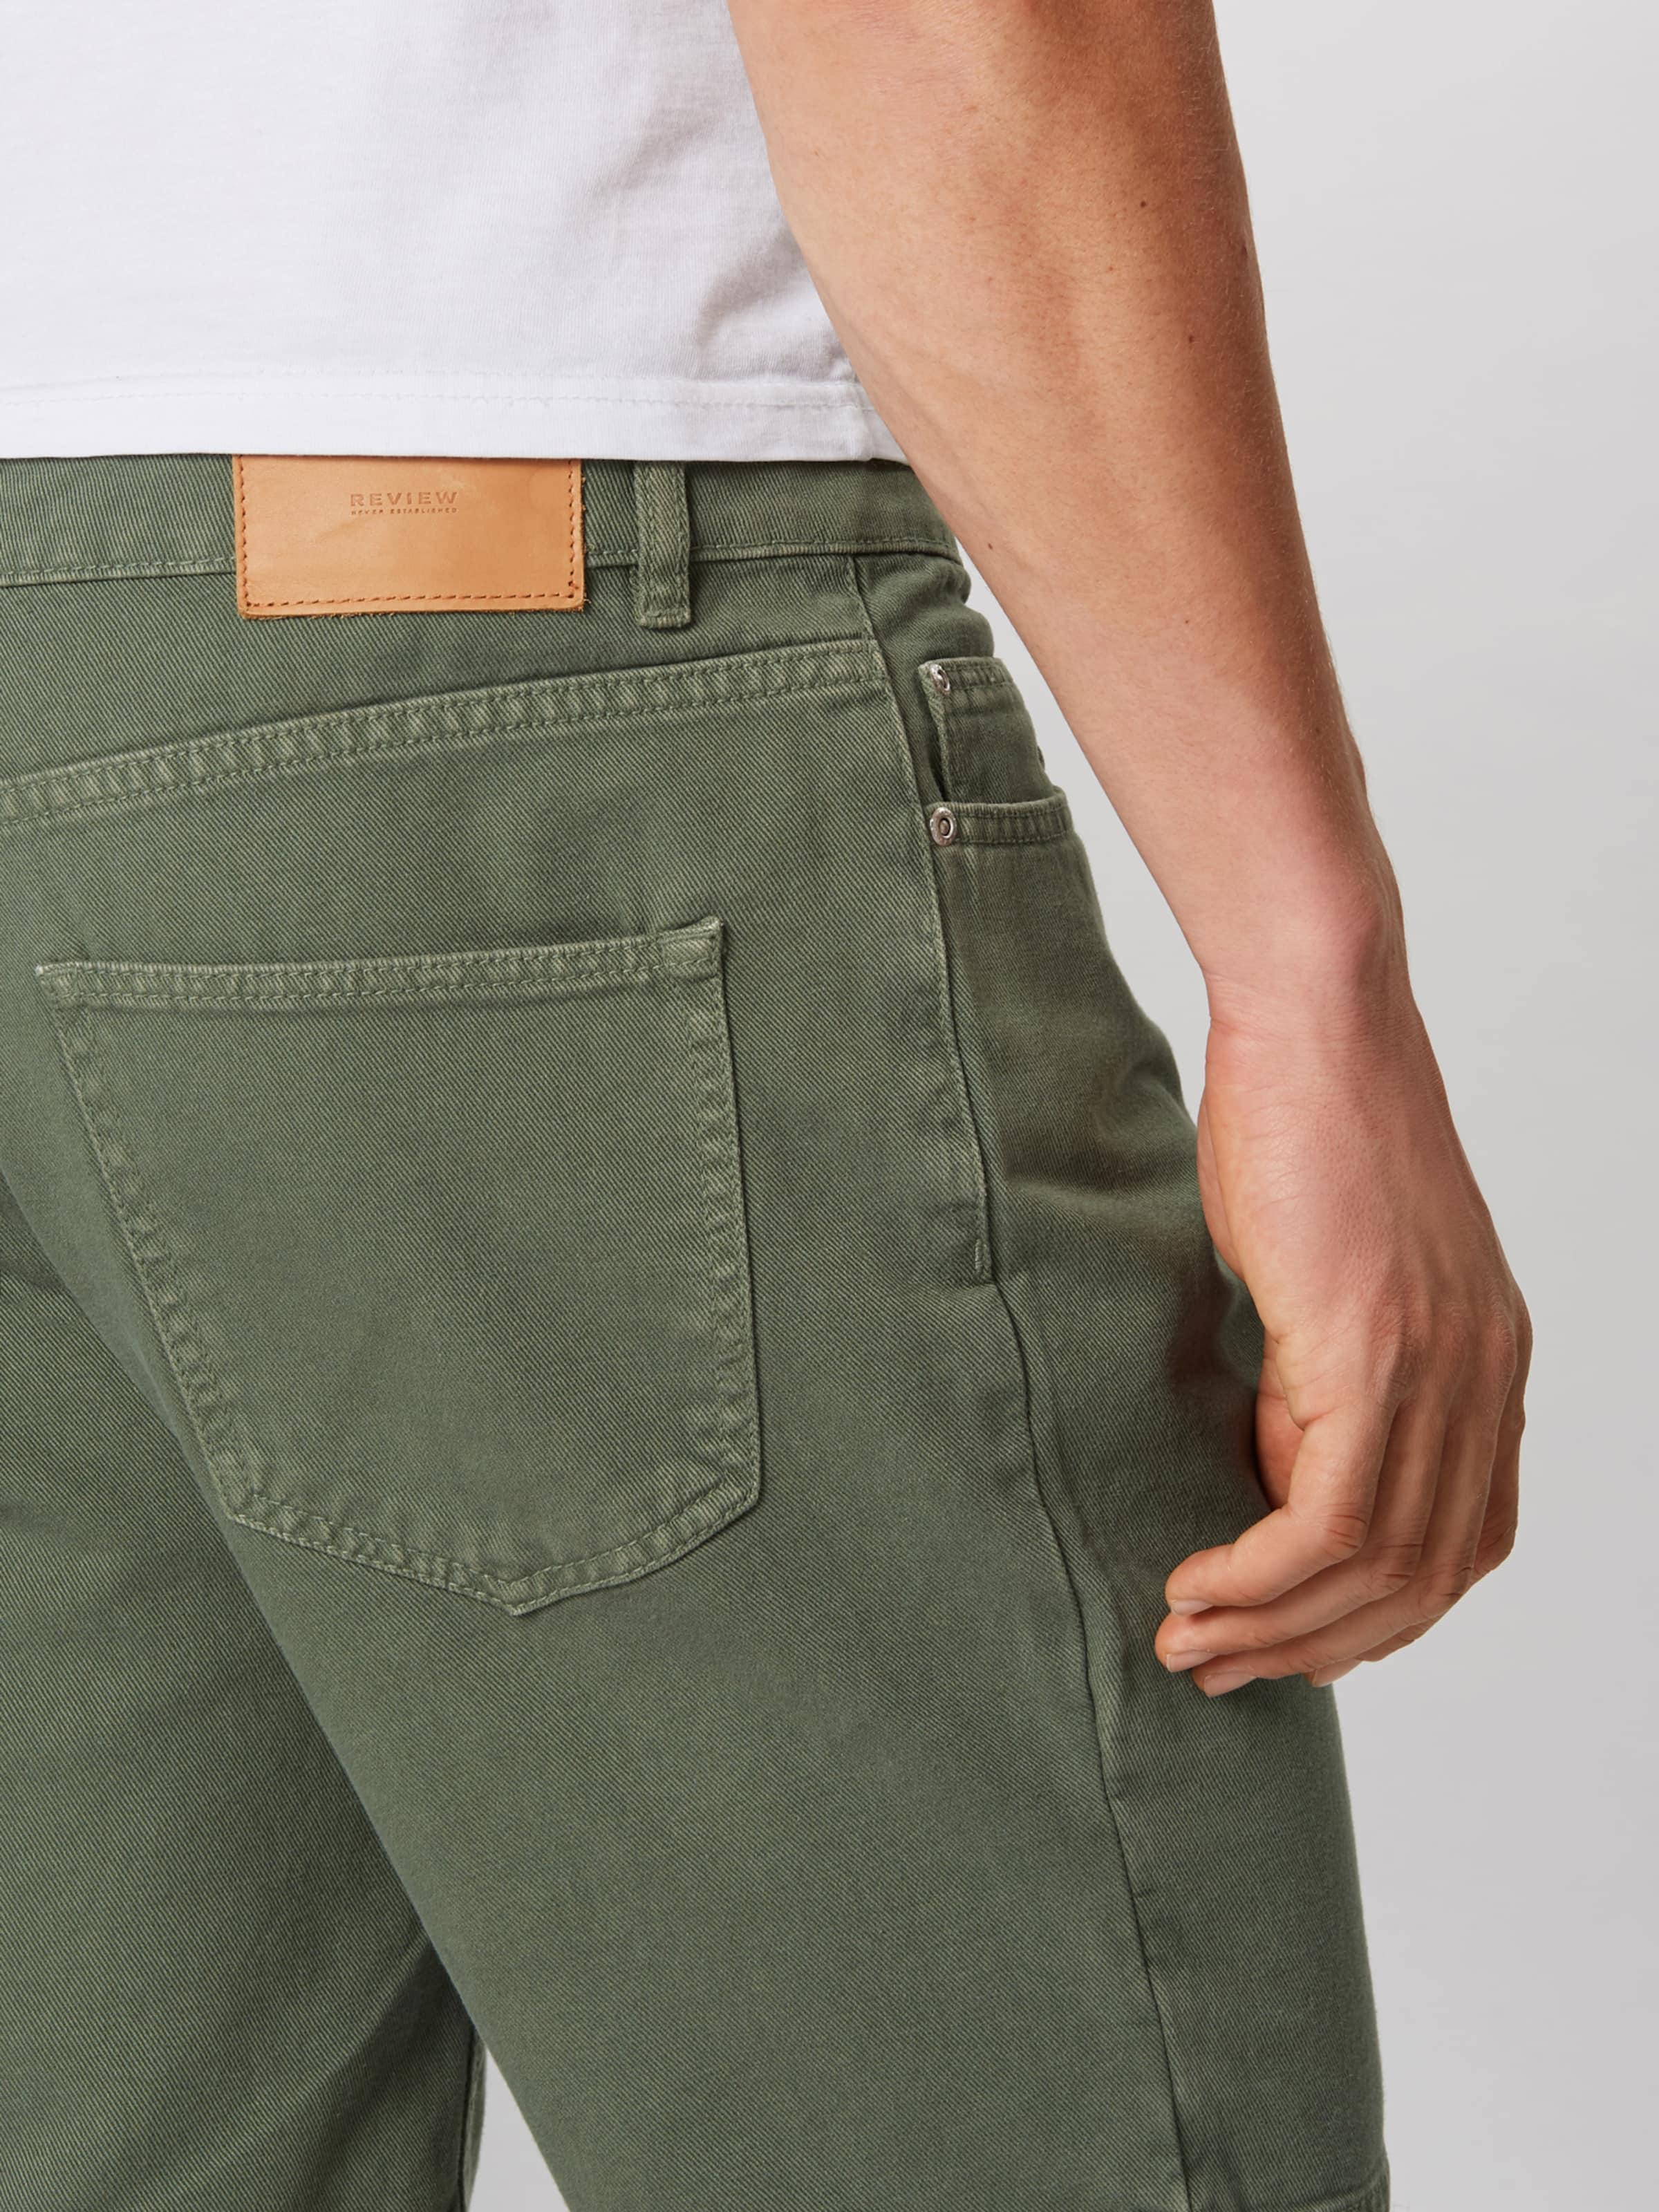 Rose Pantalon En Pantalon Review Review kwOPn0